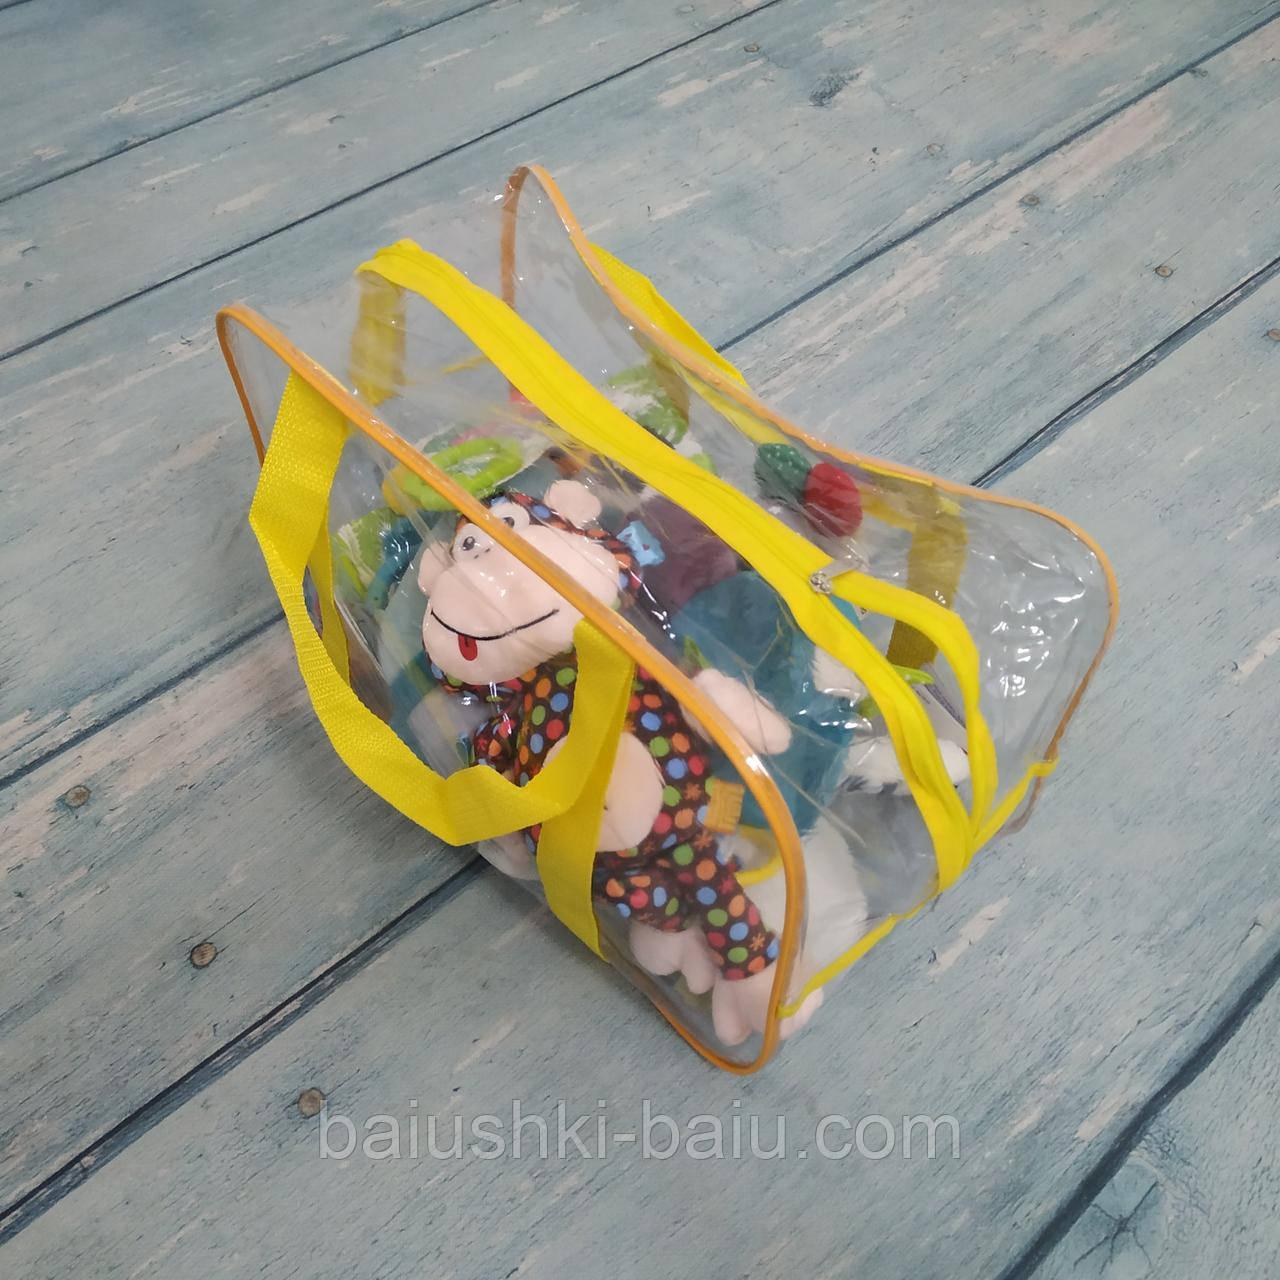 Прозрачная сумка в роддом/хранения игрушек, вещей